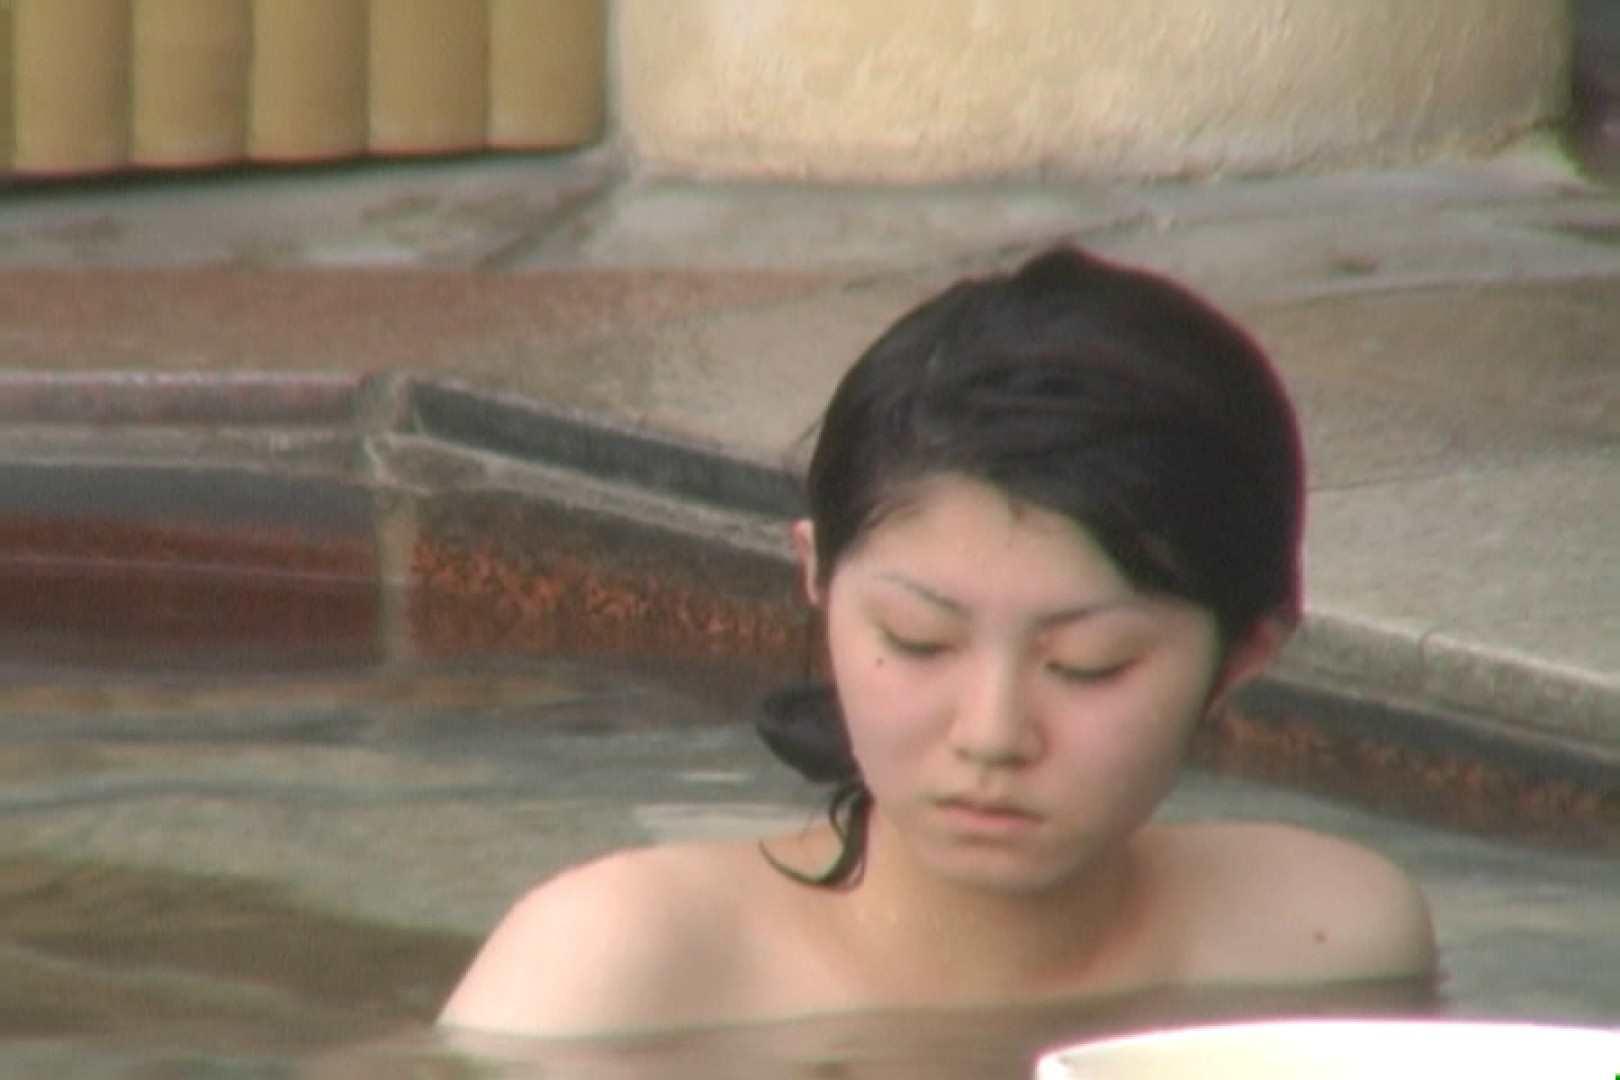 Aquaな露天風呂Vol.579 OLエロ画像   露天  42PICs 28